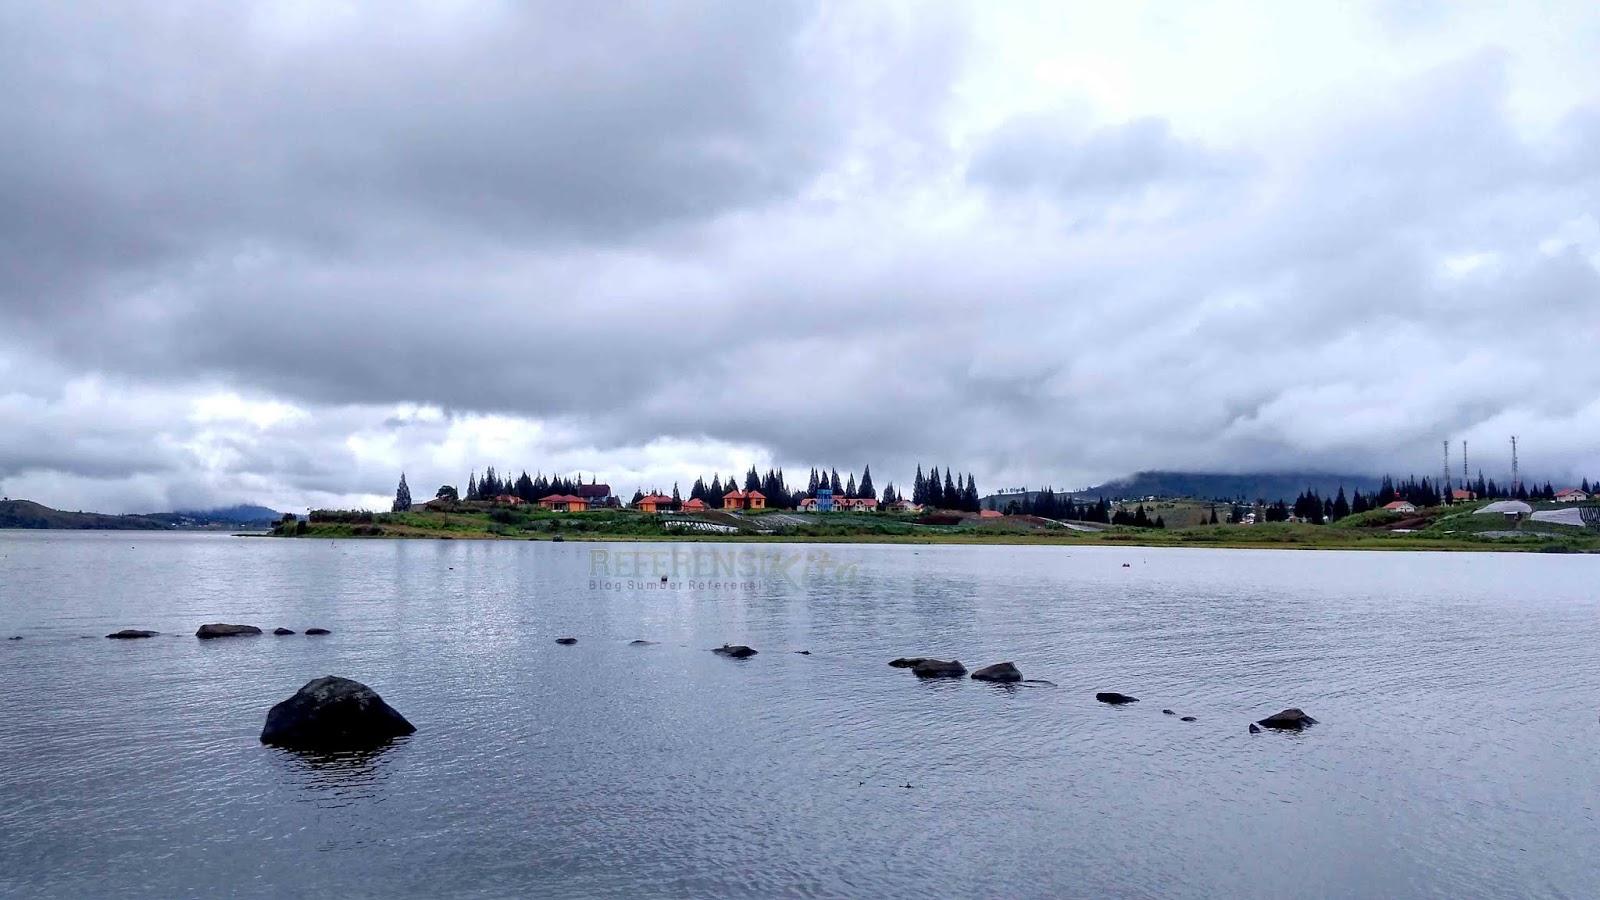 wisata danau kembar dan ini adalah wisata danau diateh yang sejuak dan ada villanya